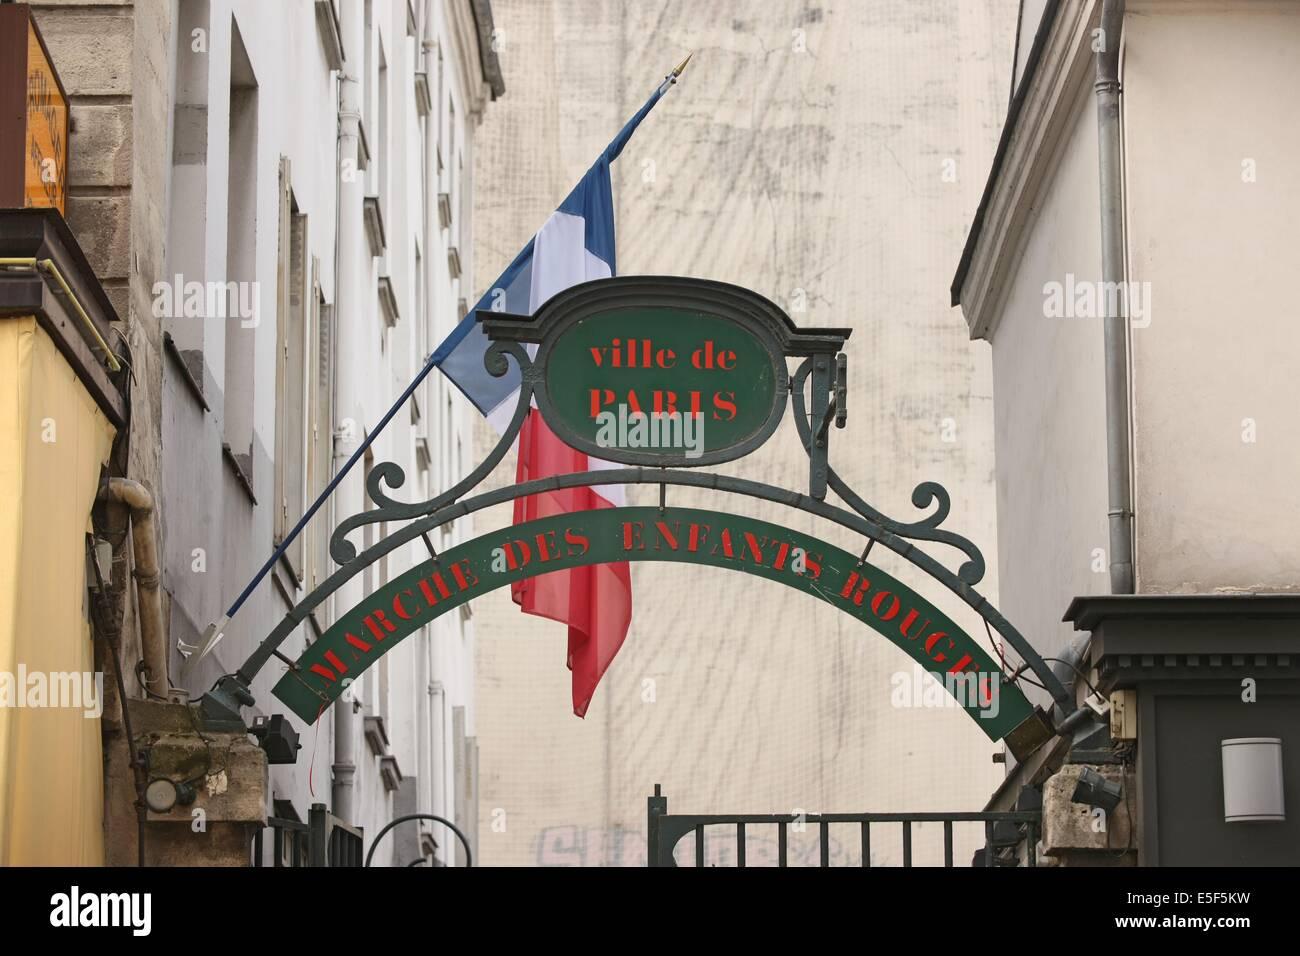 France, ile de france, paris 3e arrondissement, rue de bretagne, marche des enfants rouges,  Date : 2011-2012 Stock Photo